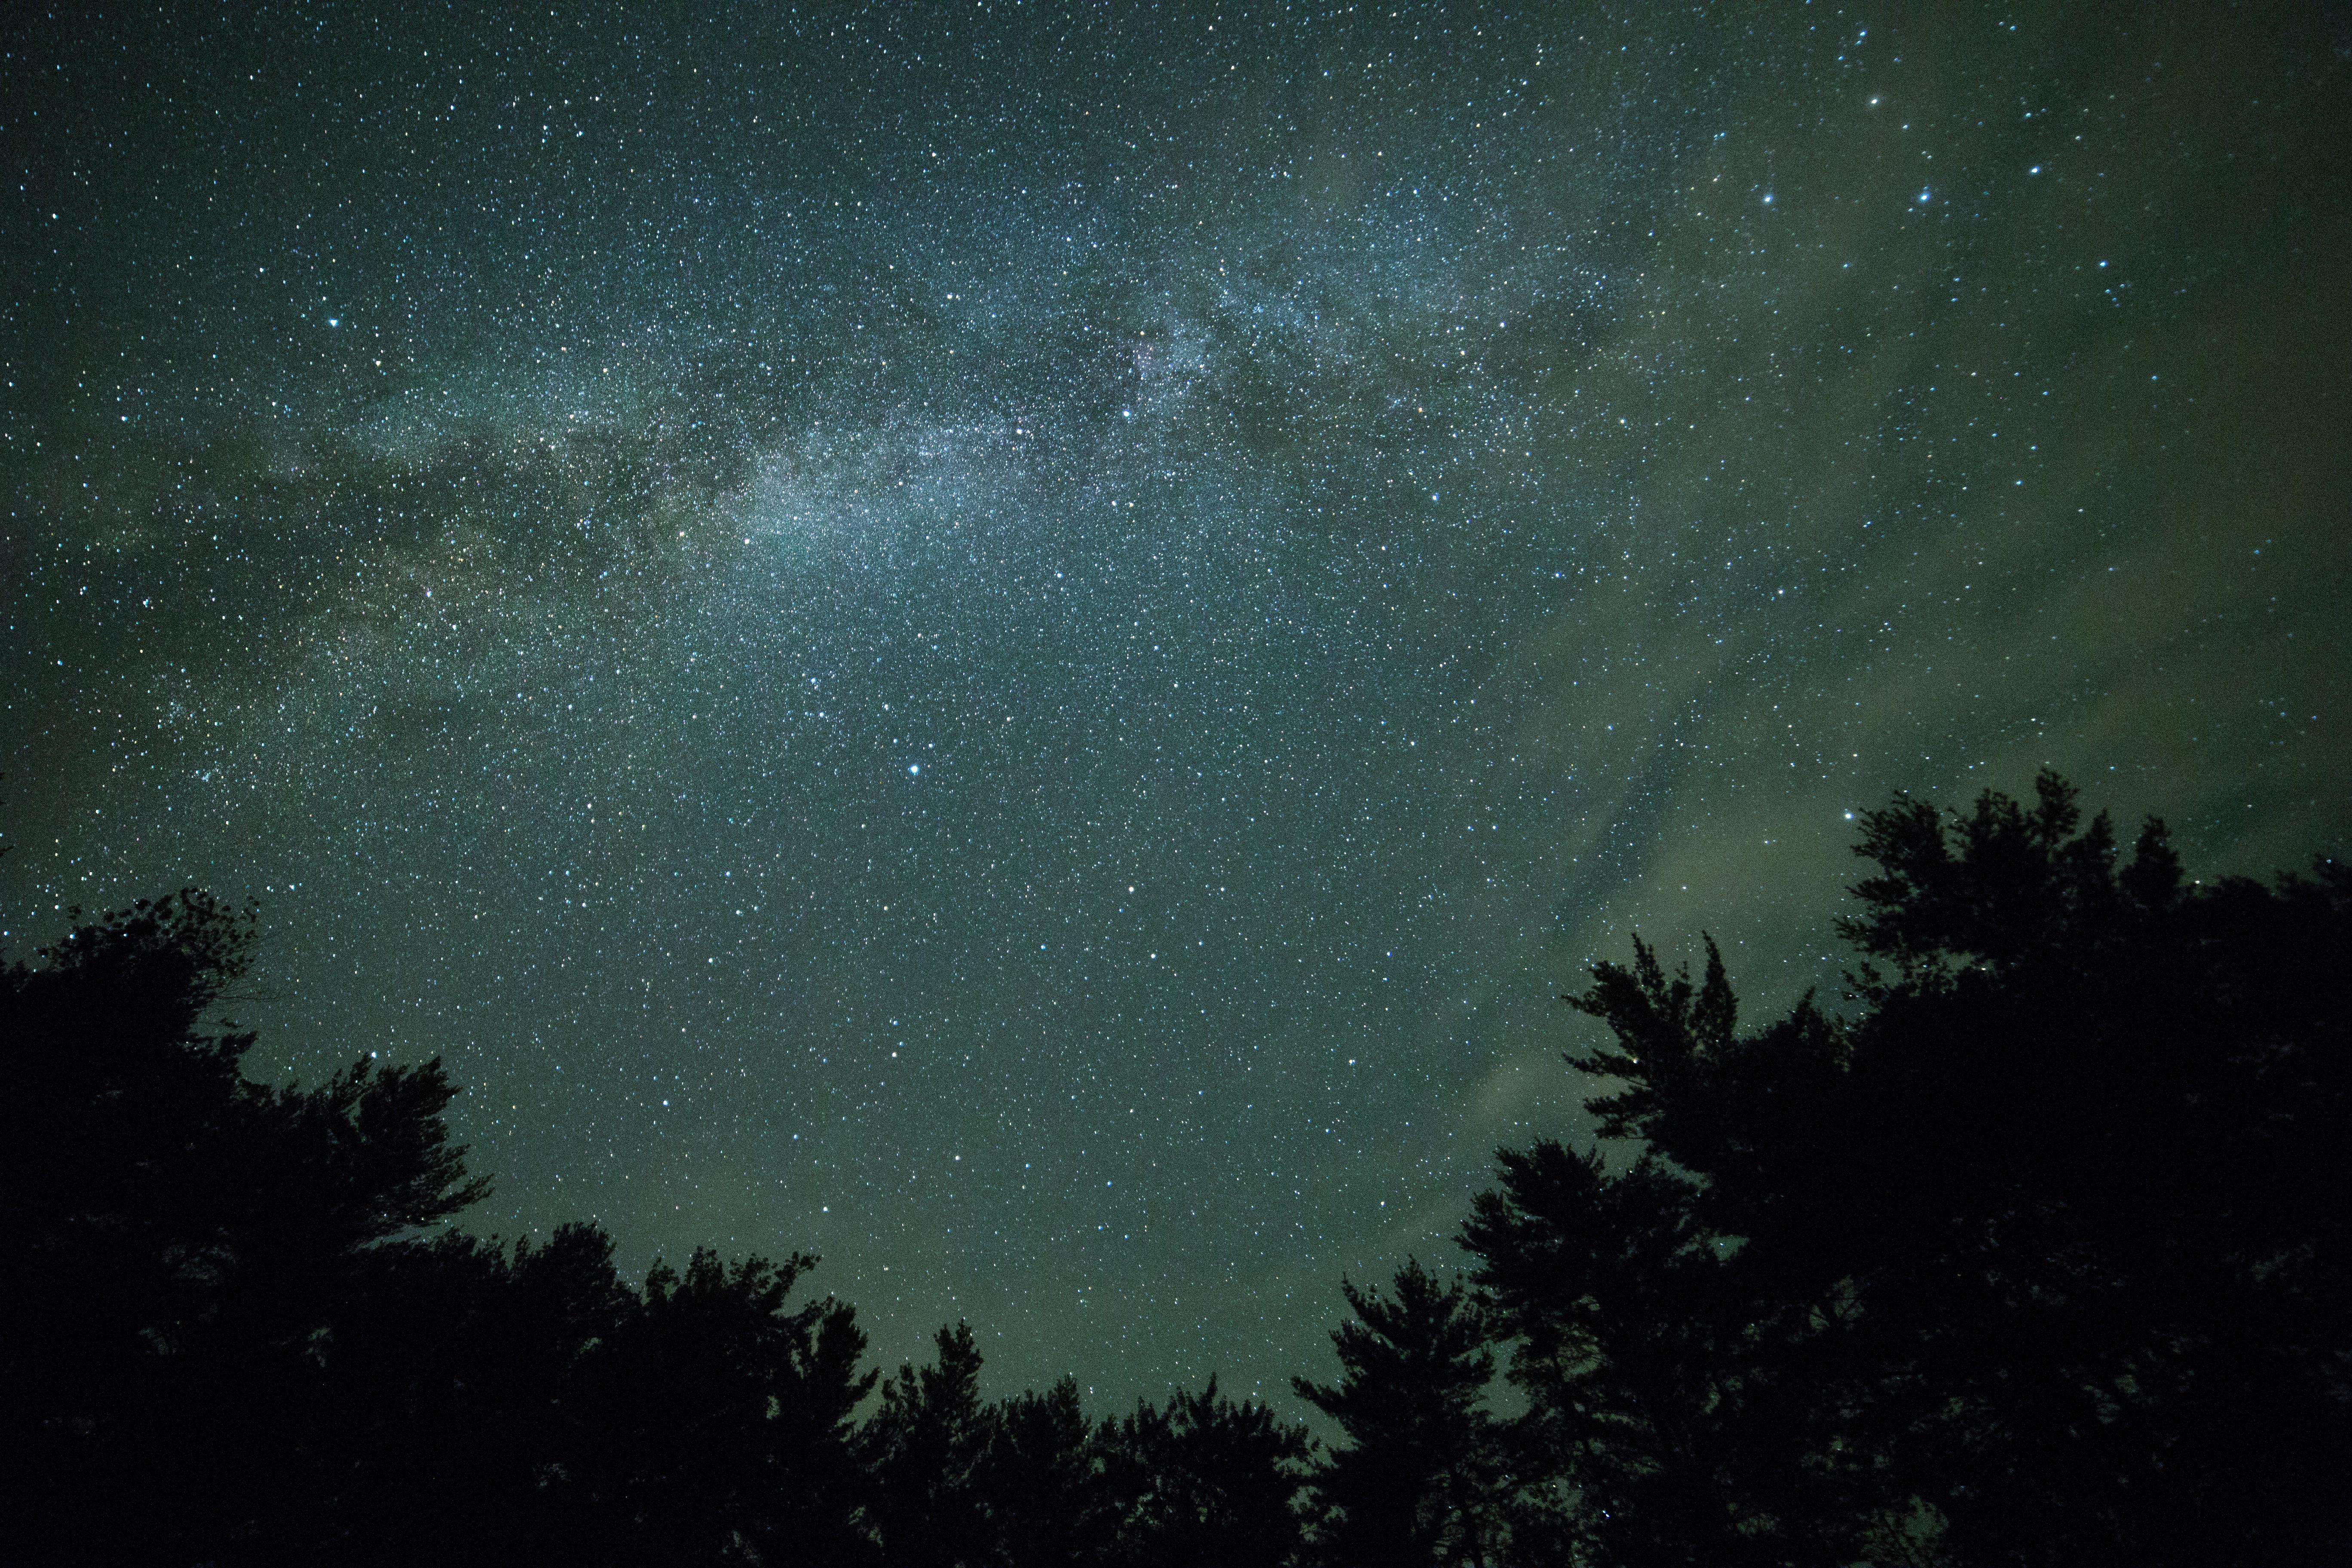 154389壁紙のダウンロード自然, 星空, ナイト, 木, 闇, 暗い, 天の川-スクリーンセーバーと写真を無料で